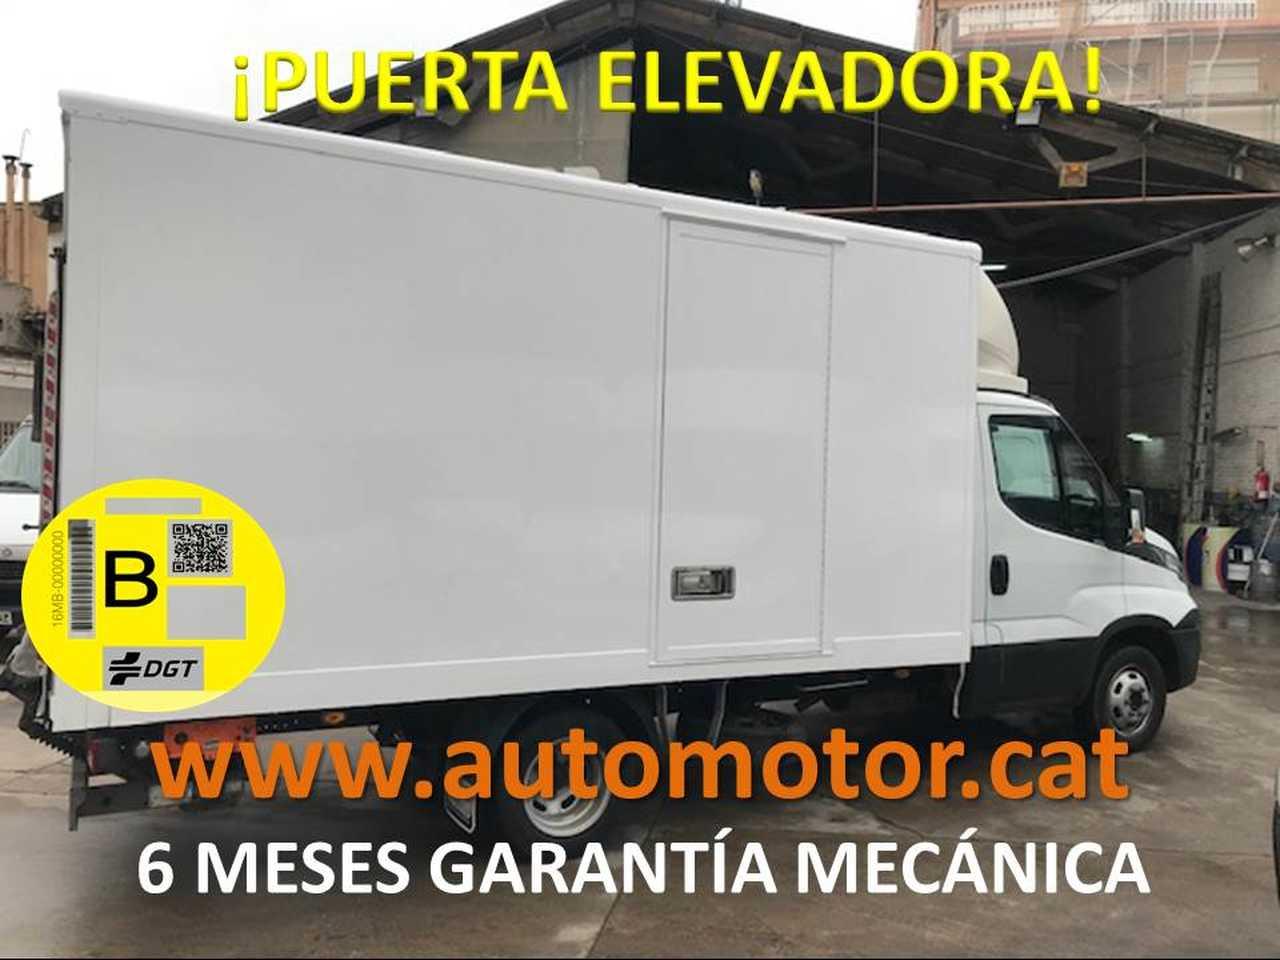 Iveco Daily Furgón 35C13 PUERTA ELEVADORA - GARANTIA MECANICA  - Foto 1